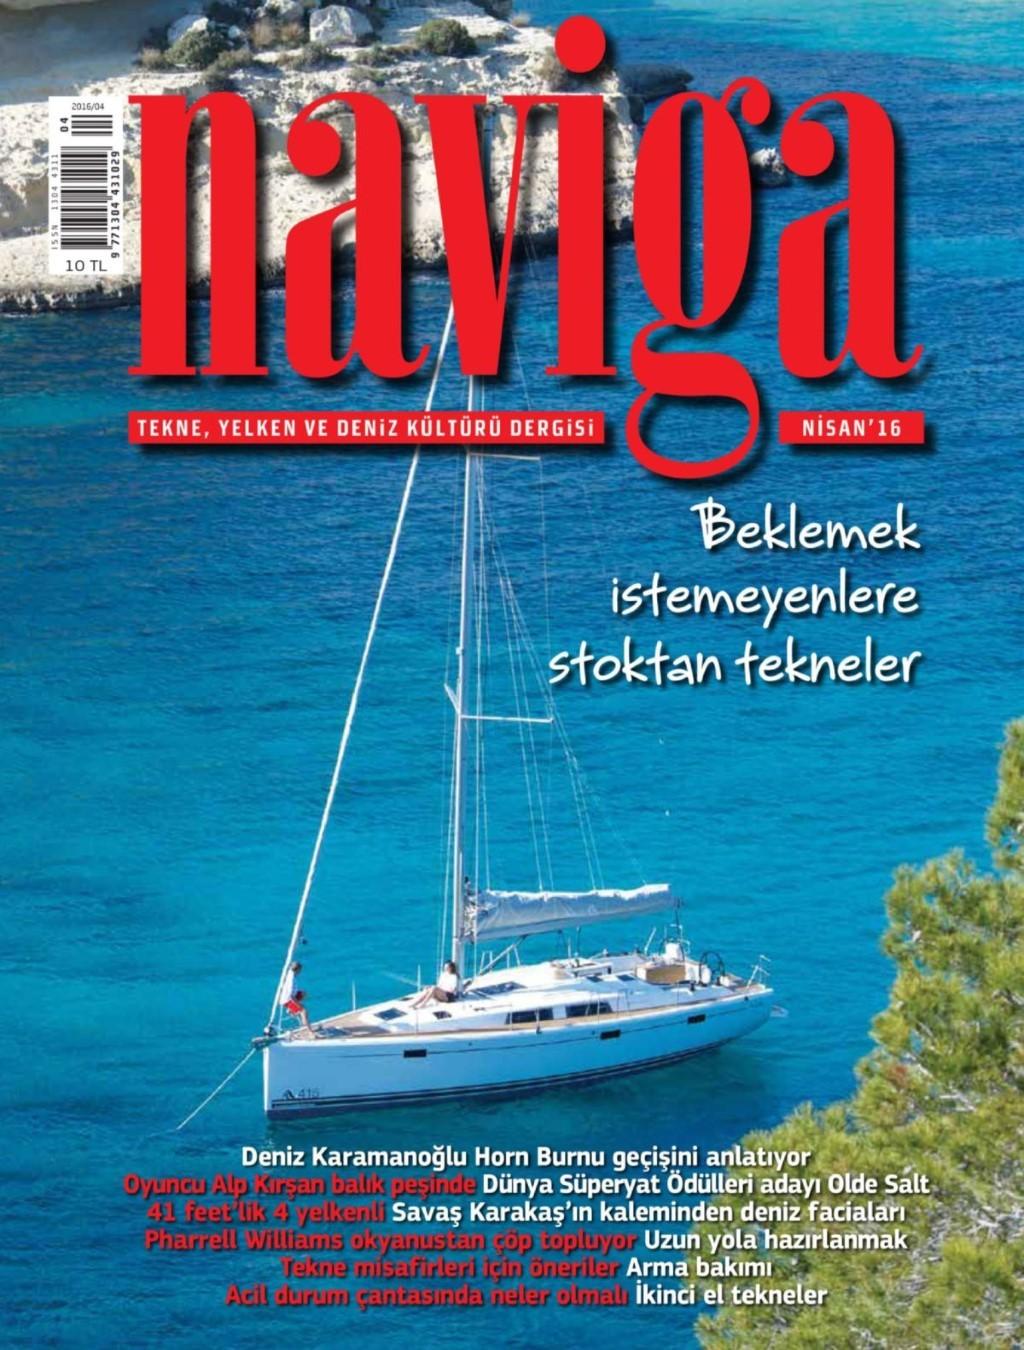 Naviga Nisan E-dergi indir Sandalca.com